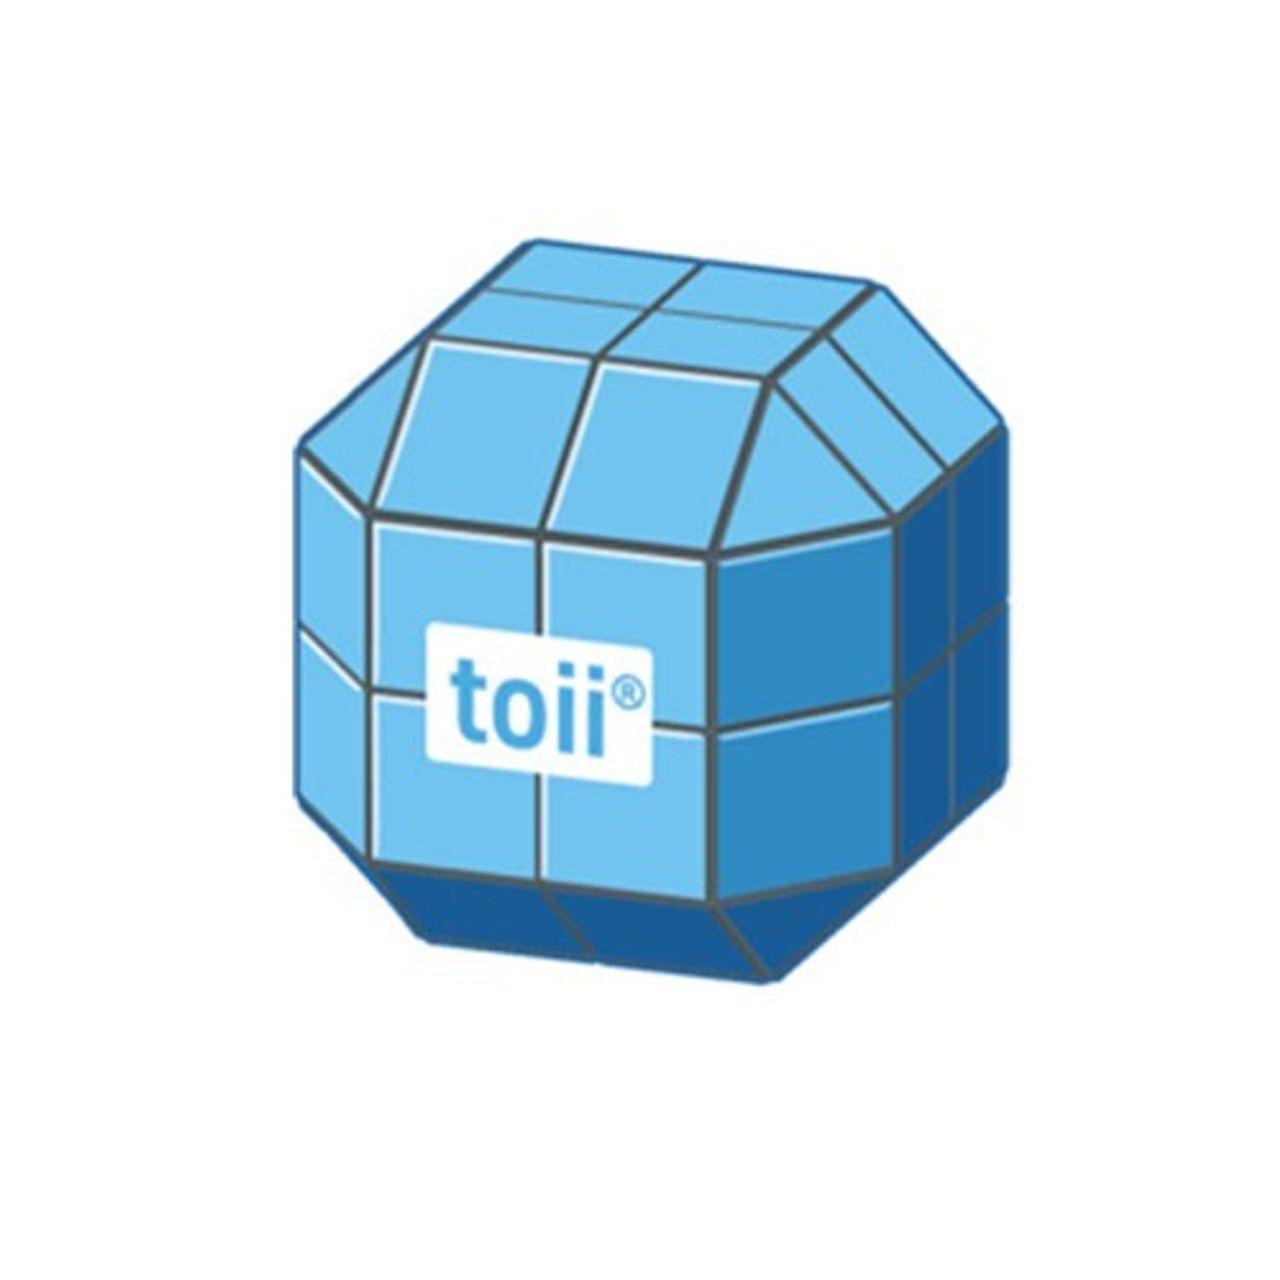 toii core - Modulare Software, für Ihre Bedürfnisse entwickelt